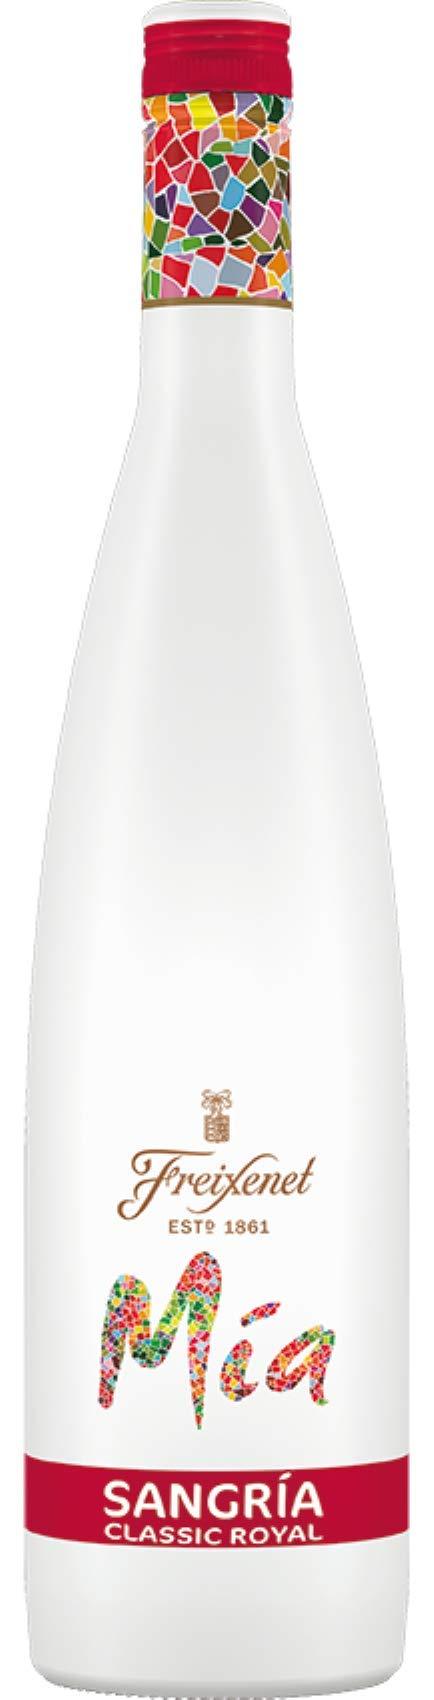 Freixenet-Mia-Sangria-Classic-Royal-6-x-075-l